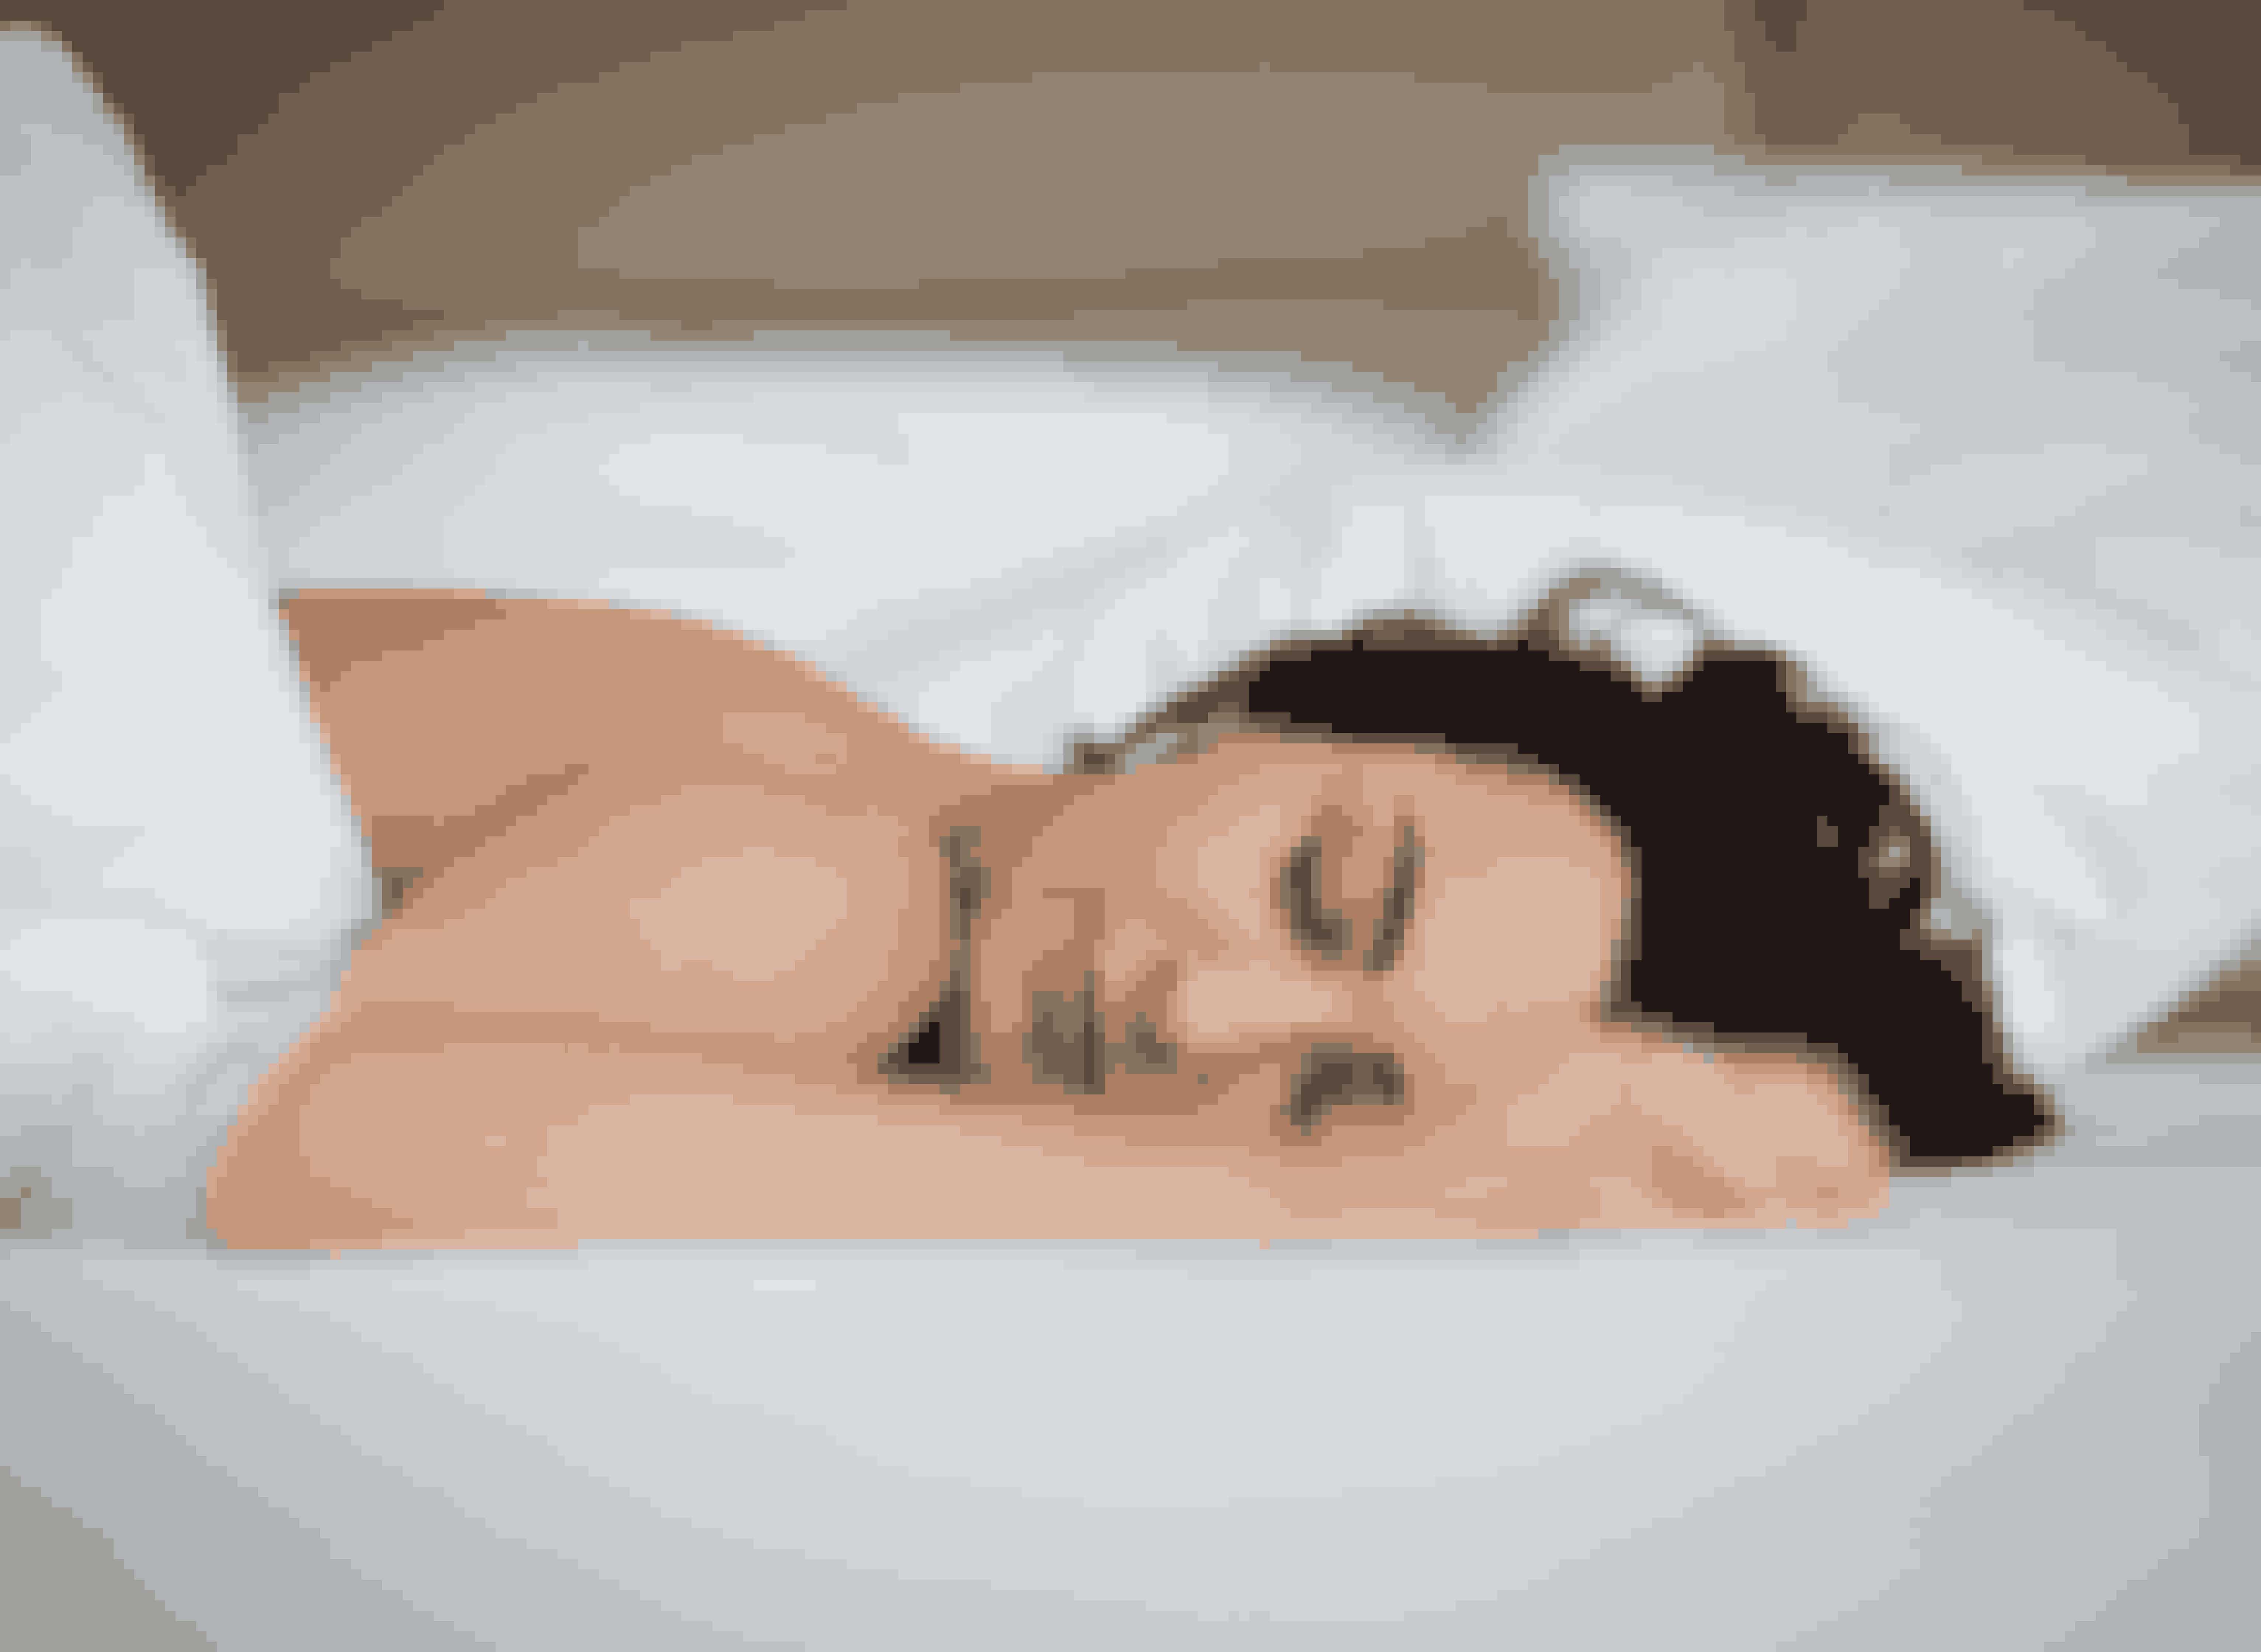 Det, som giver dig den allerbedste søvn, er at sove, som moderjord skabte dig – nemlig helt nøgen.